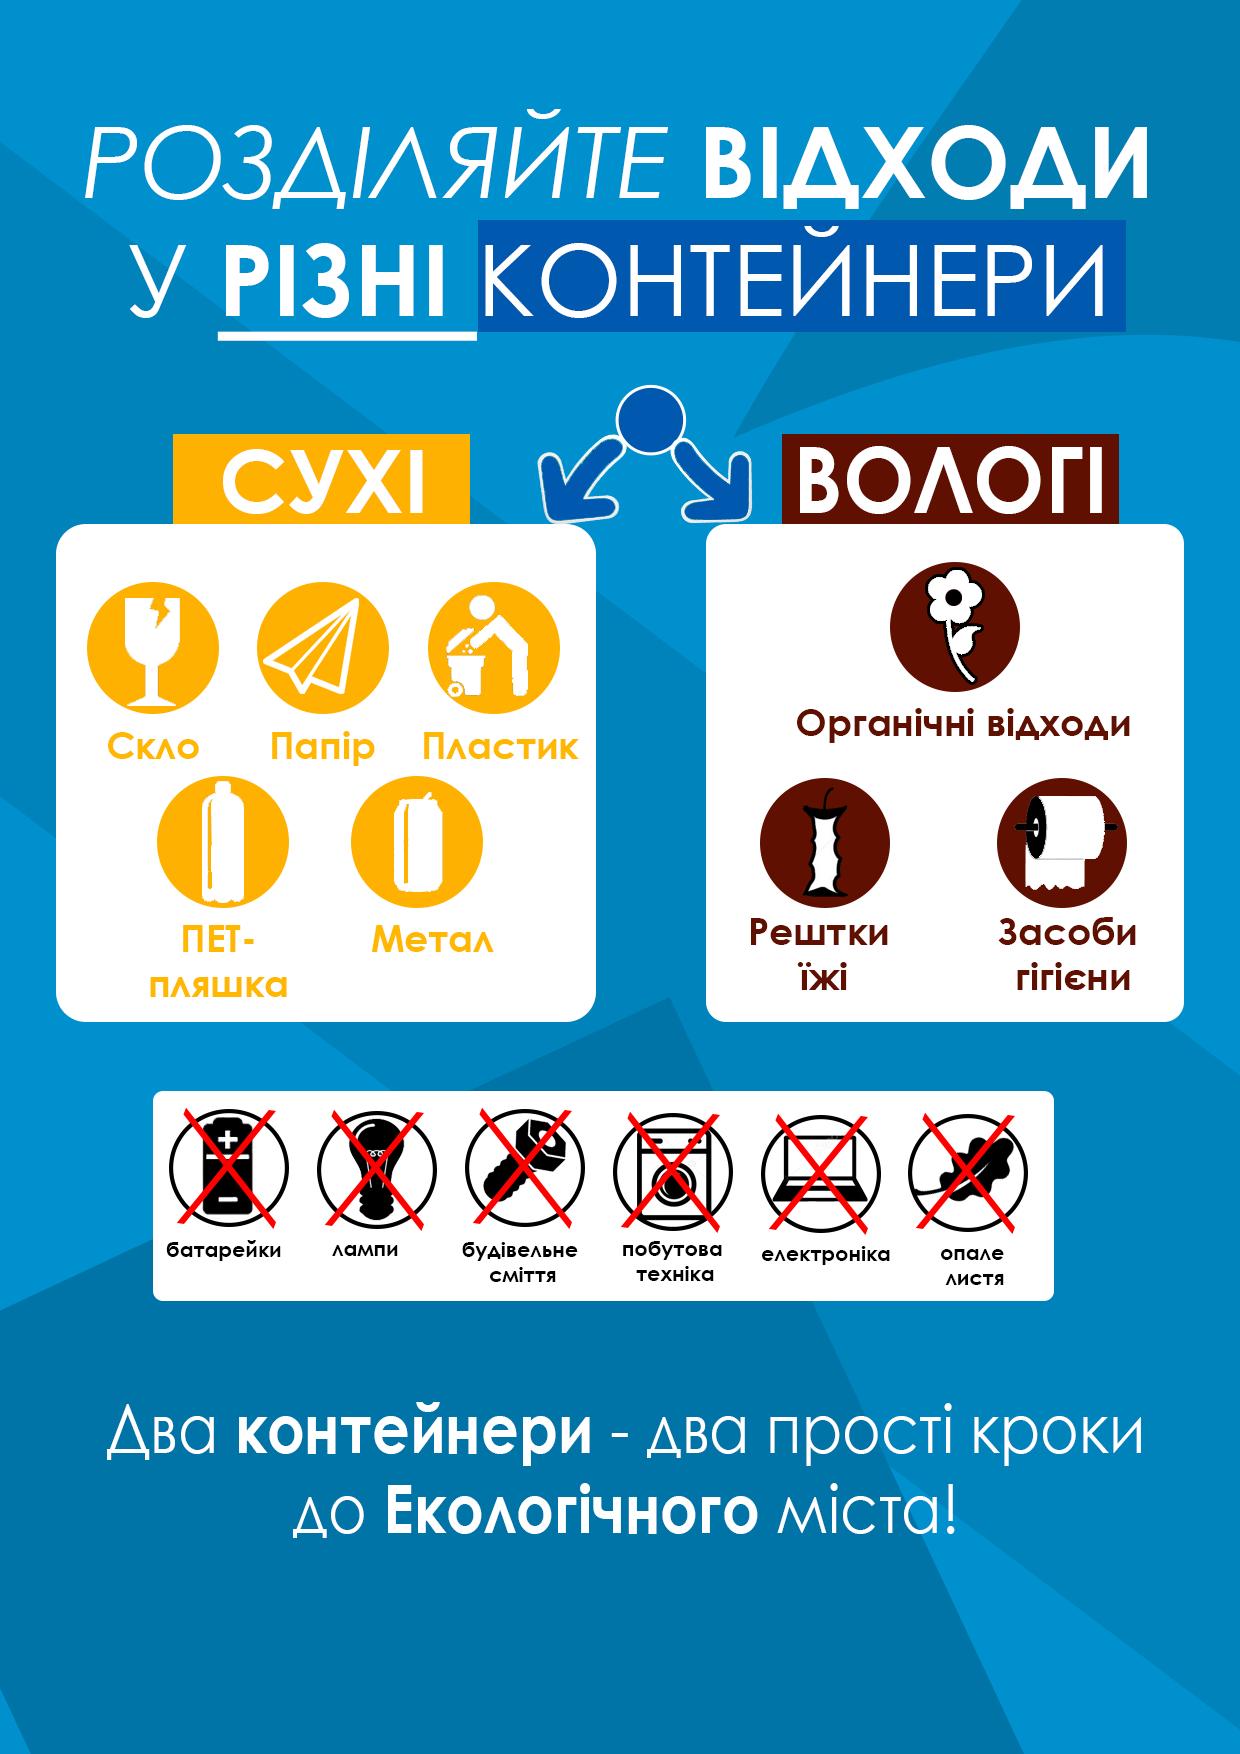 Фото Інформаційна табличка про розділення сміття.